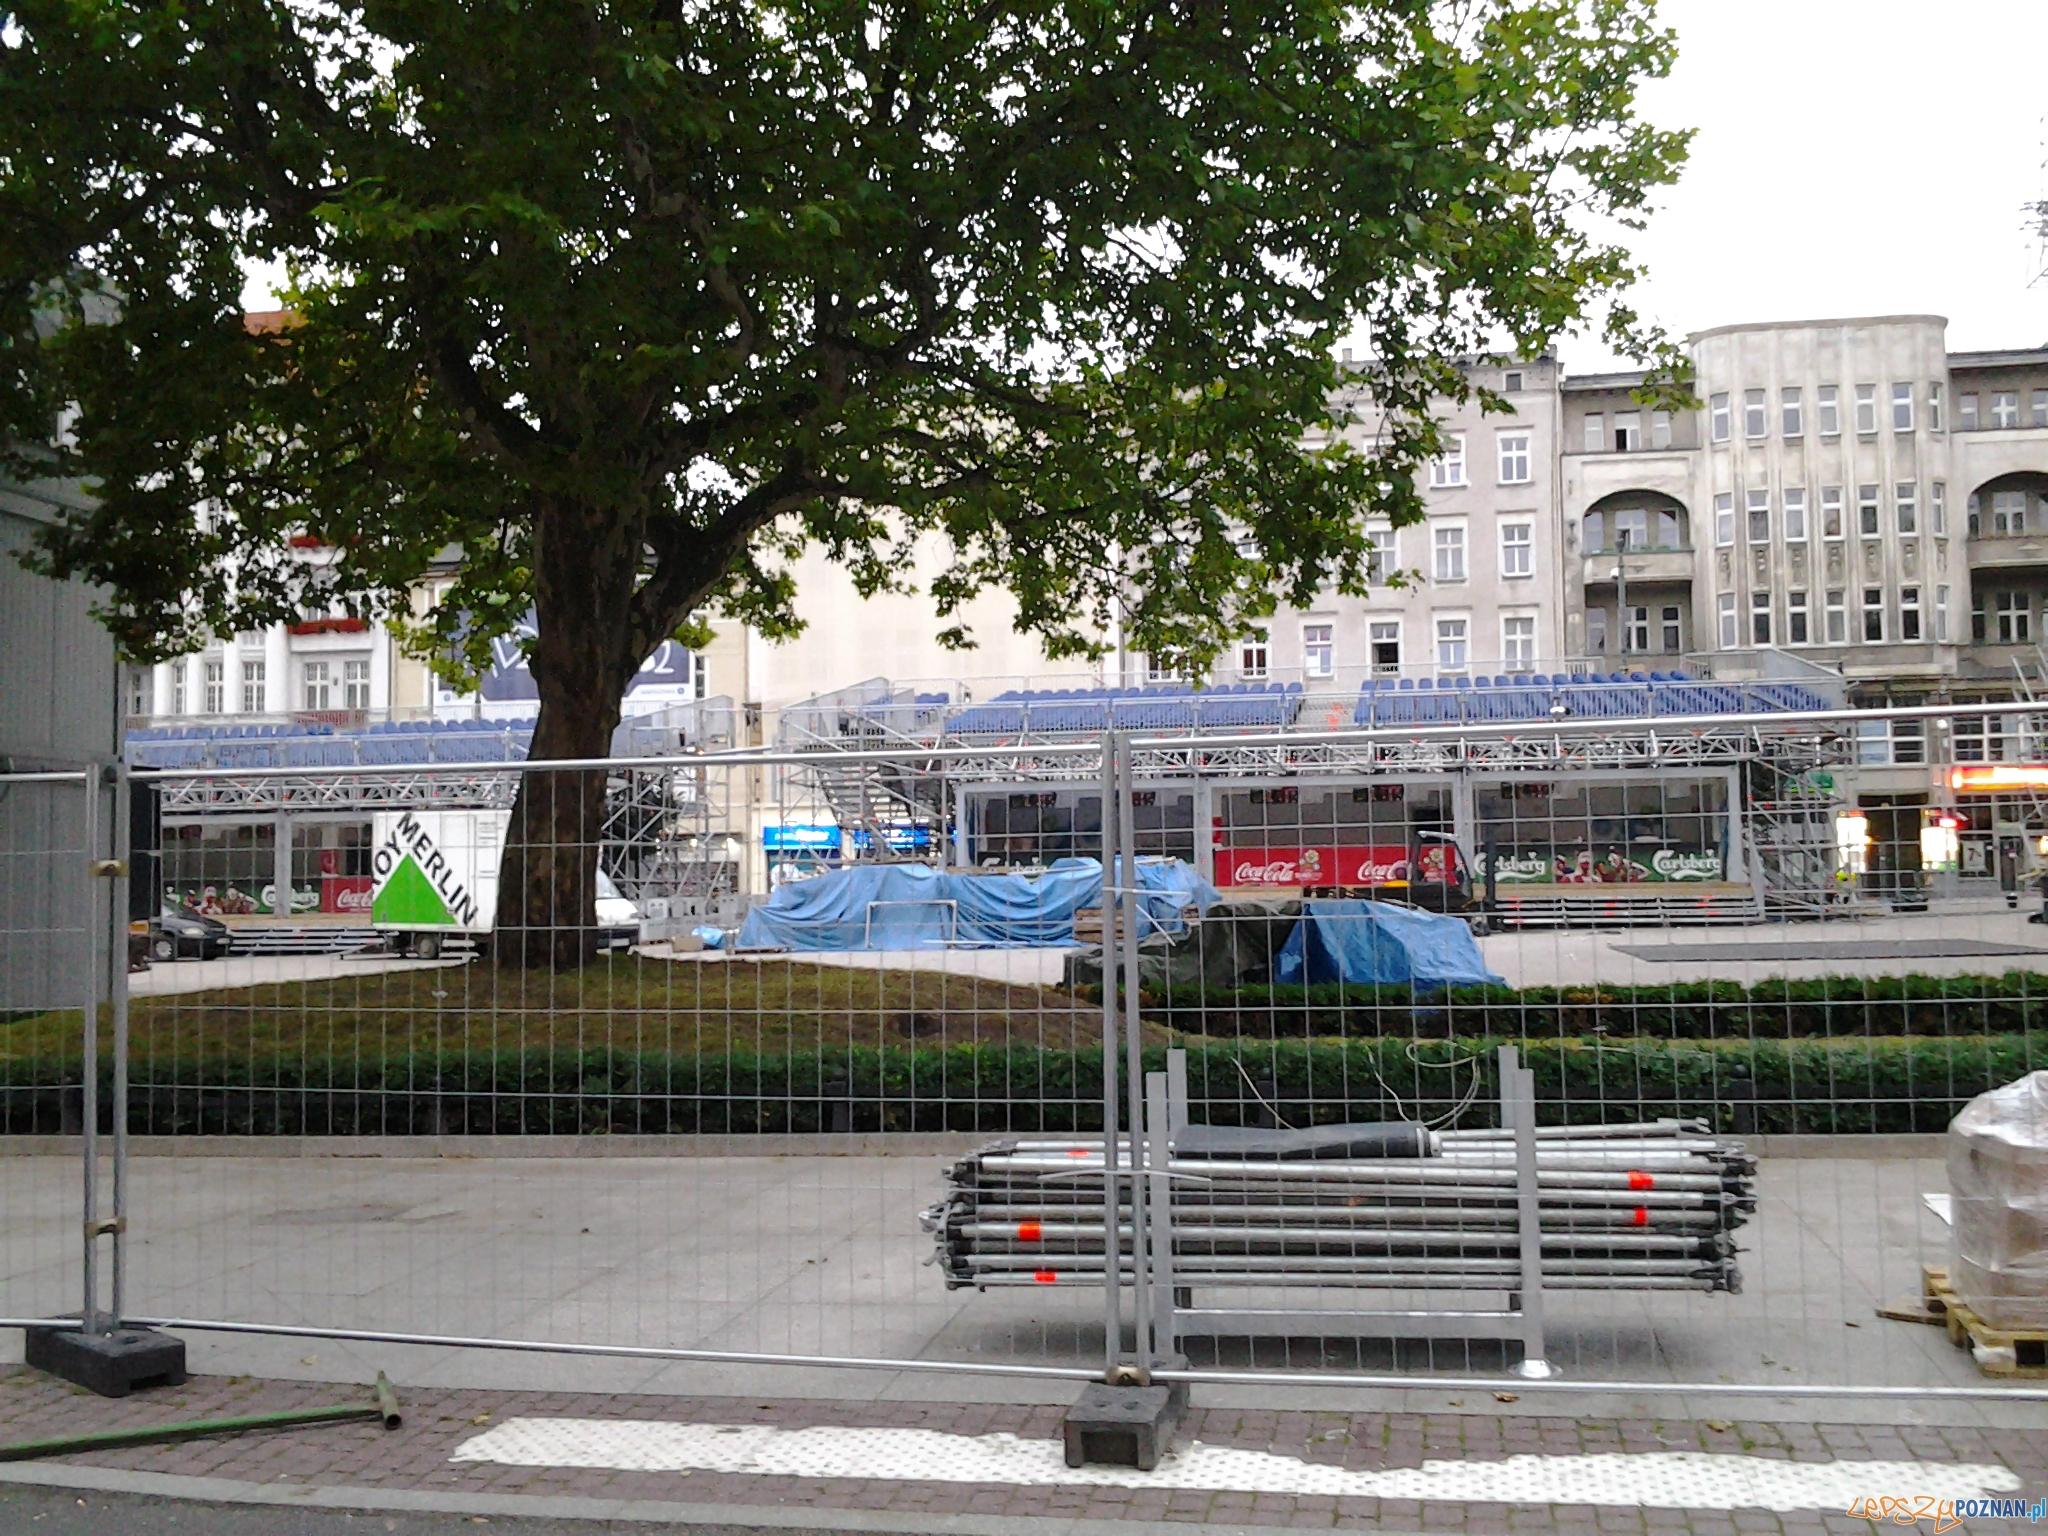 Znika Strefa Kibica  Foto: lepszyPOZNAN.pl / gsm